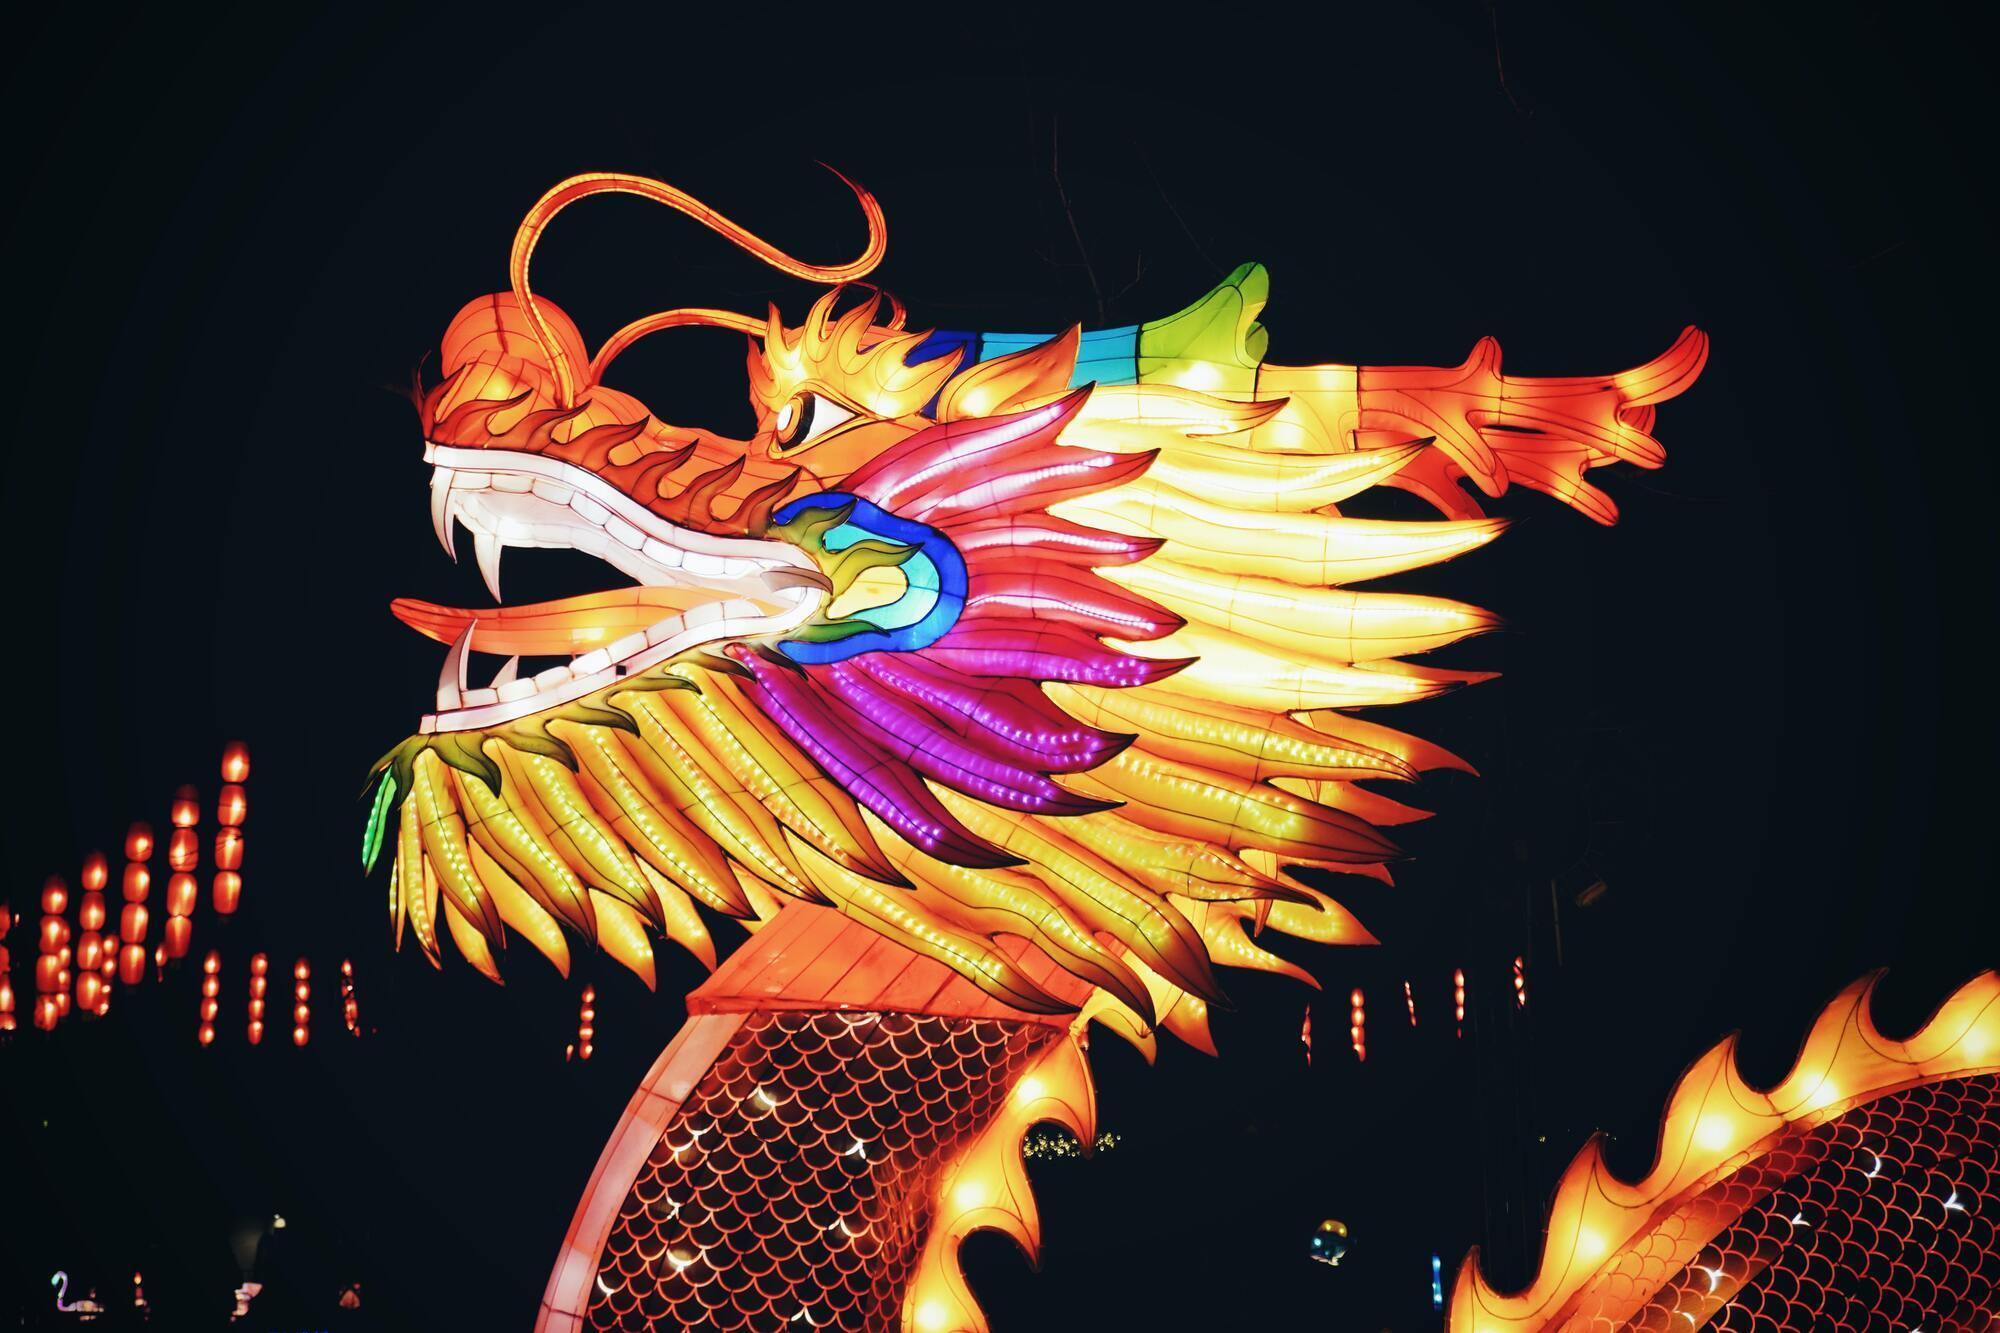 В Китае Новый год отмечают две недели, чтобы выразить почтение приходящему знаку